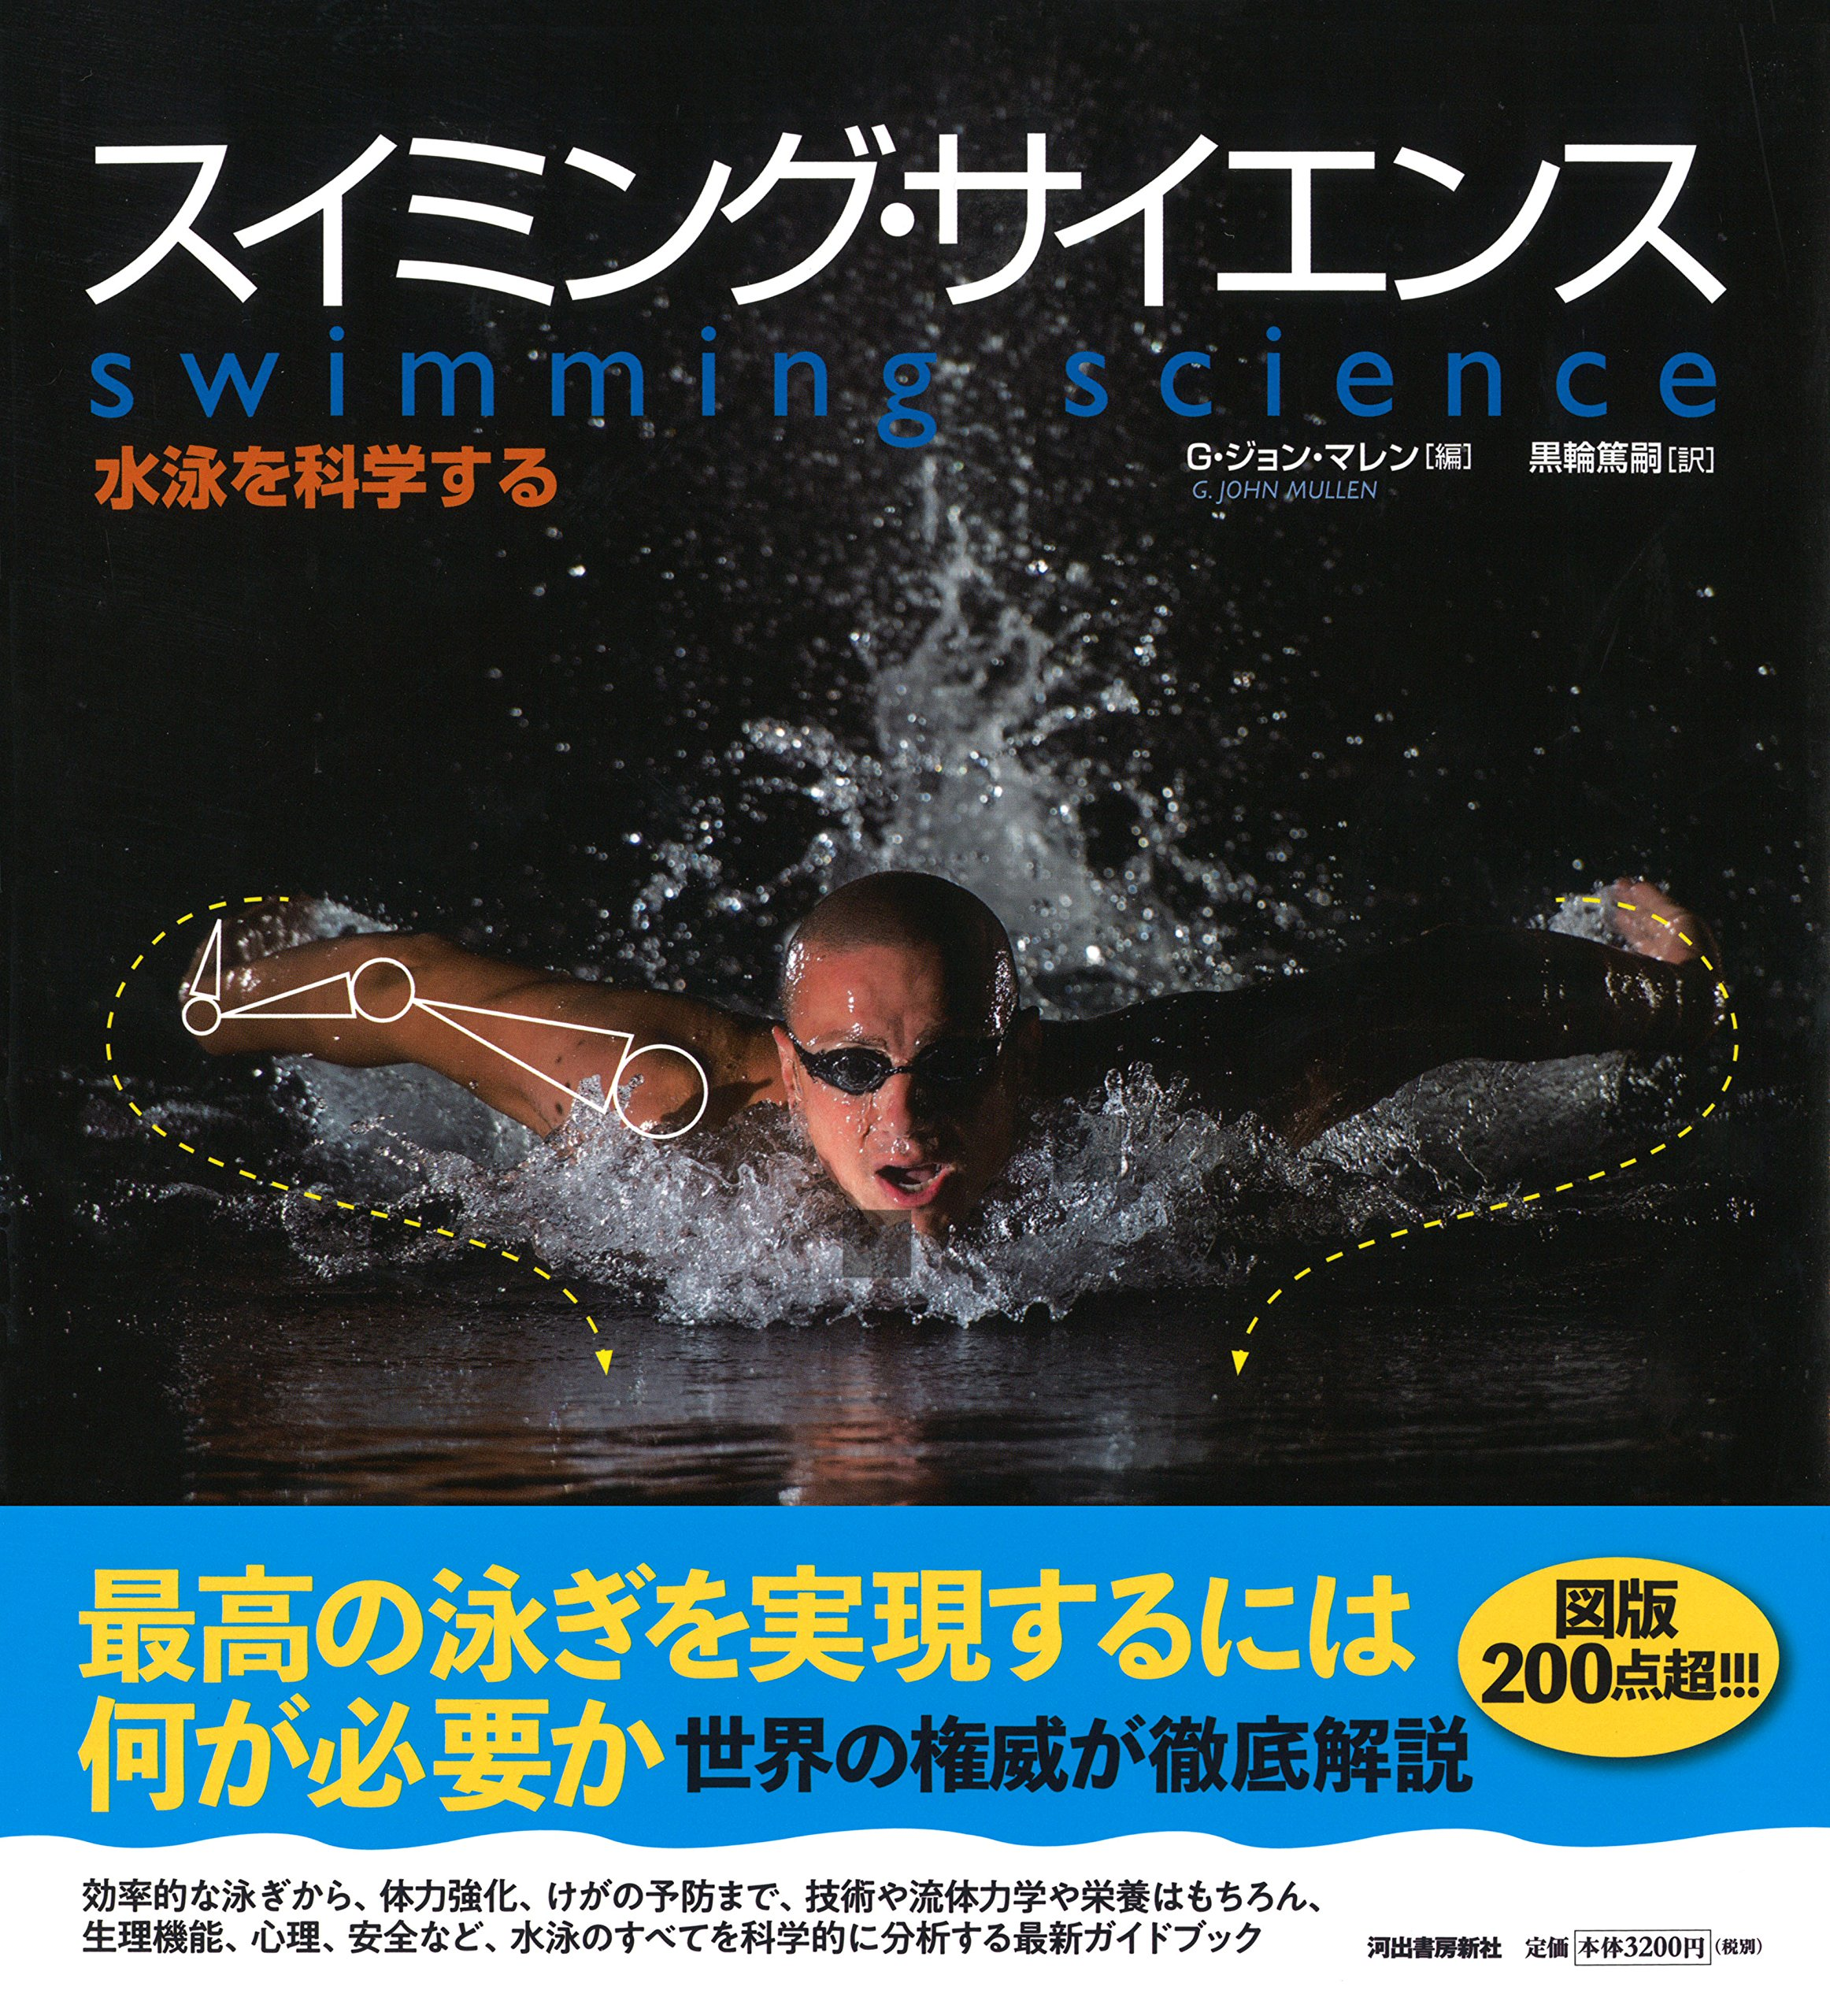 スイミング・サイエンス: 水泳を...